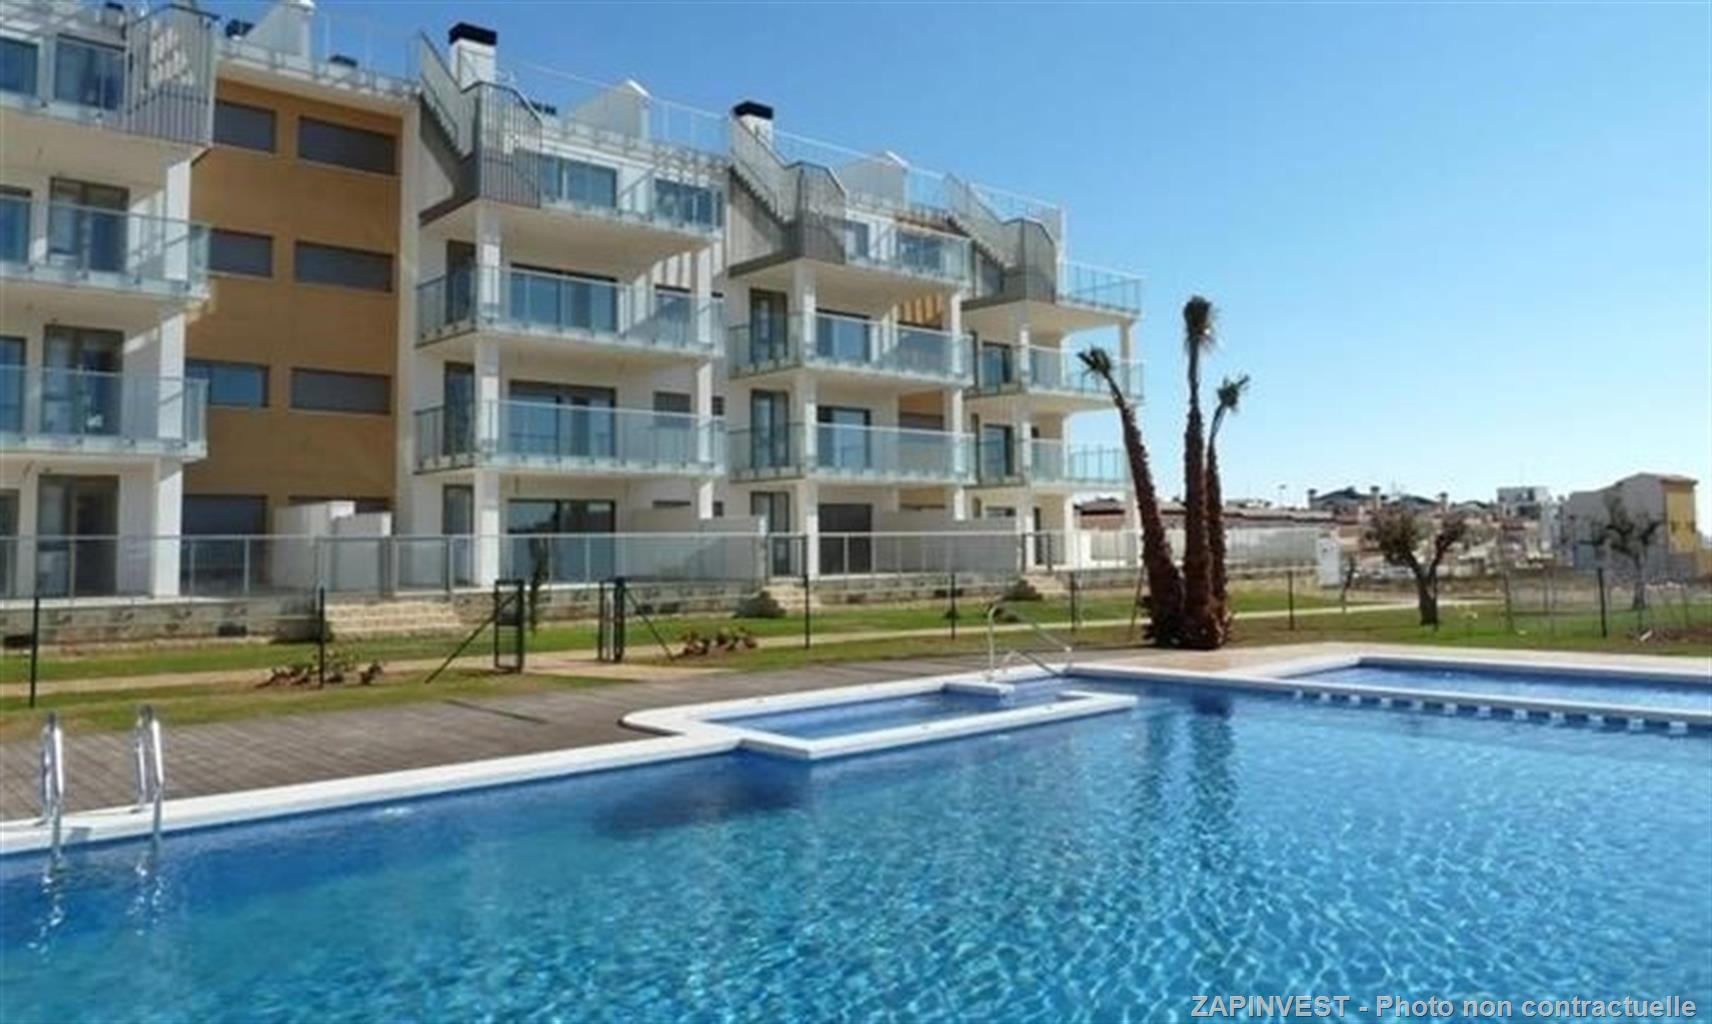 Bel appartement de 2 chambres et 2 salles de bains à Villamartin  Ses points forts: à 5 minutes de a plage de la Zenia, du centre commercial la Zenia Boulevard et du Golf de Villamartin, sa localisation est idéale.